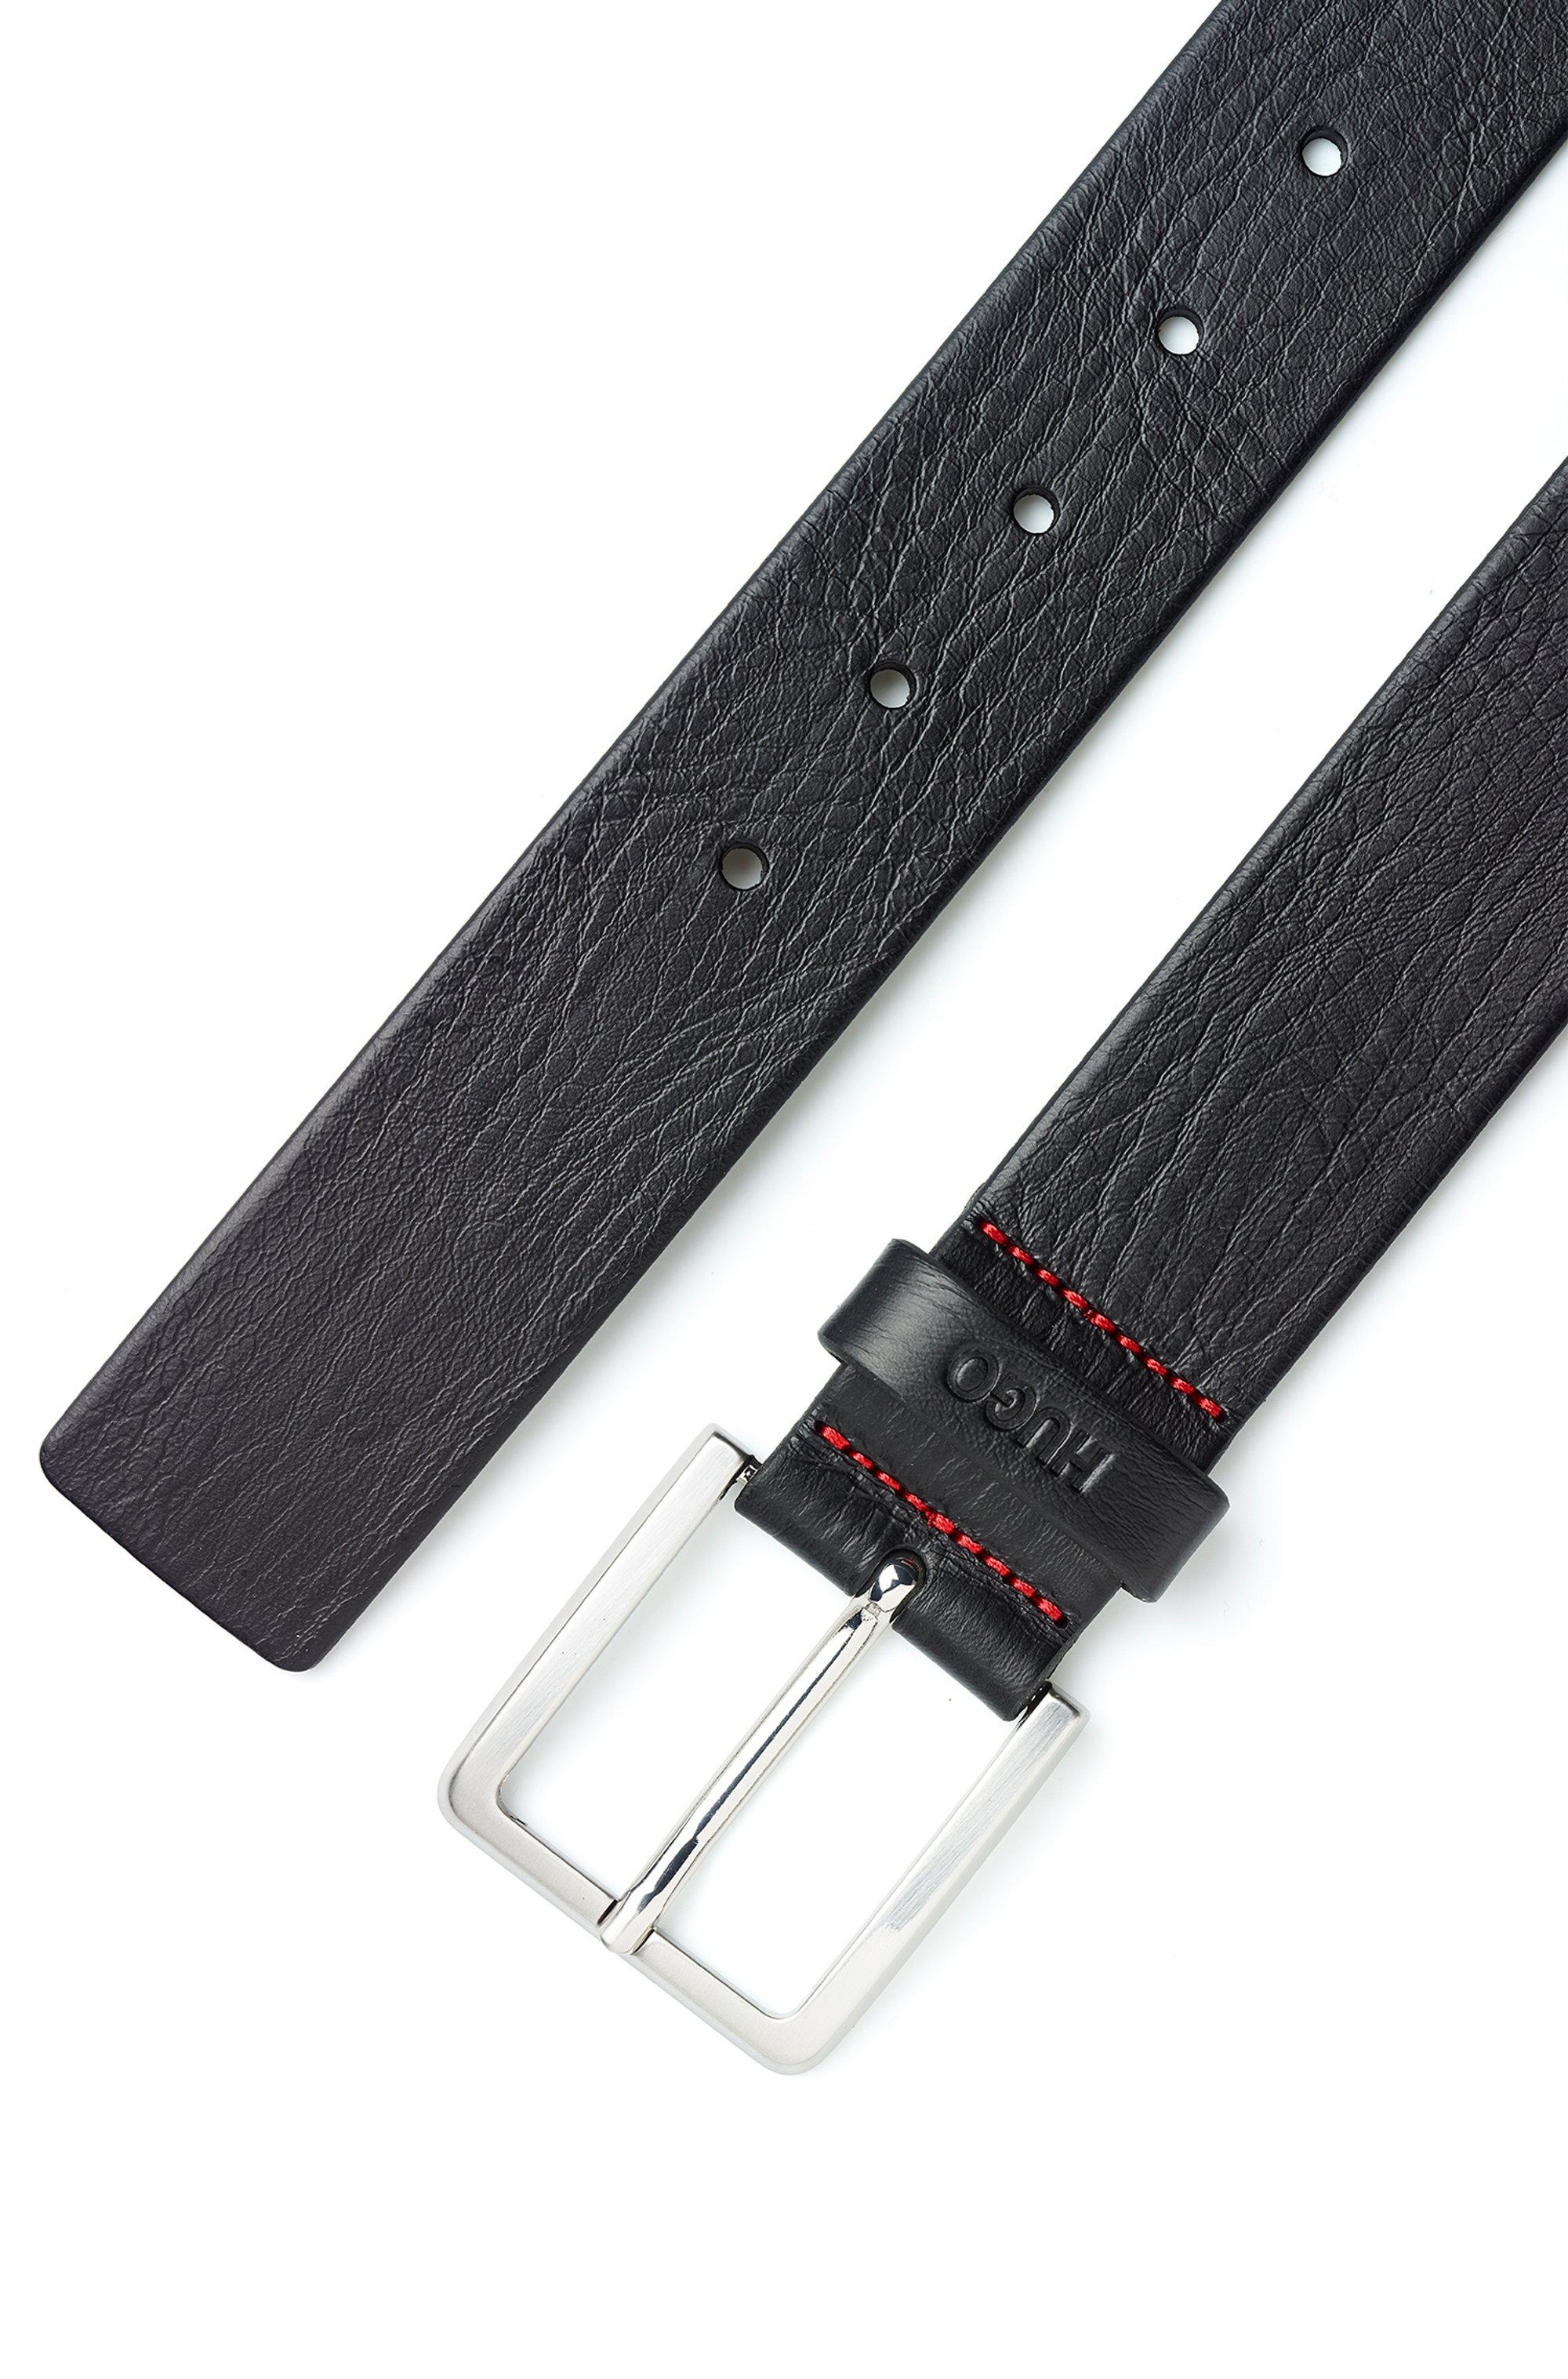 Cintura in pelle martellata con goffratura e dettagli in metallo spazzolato